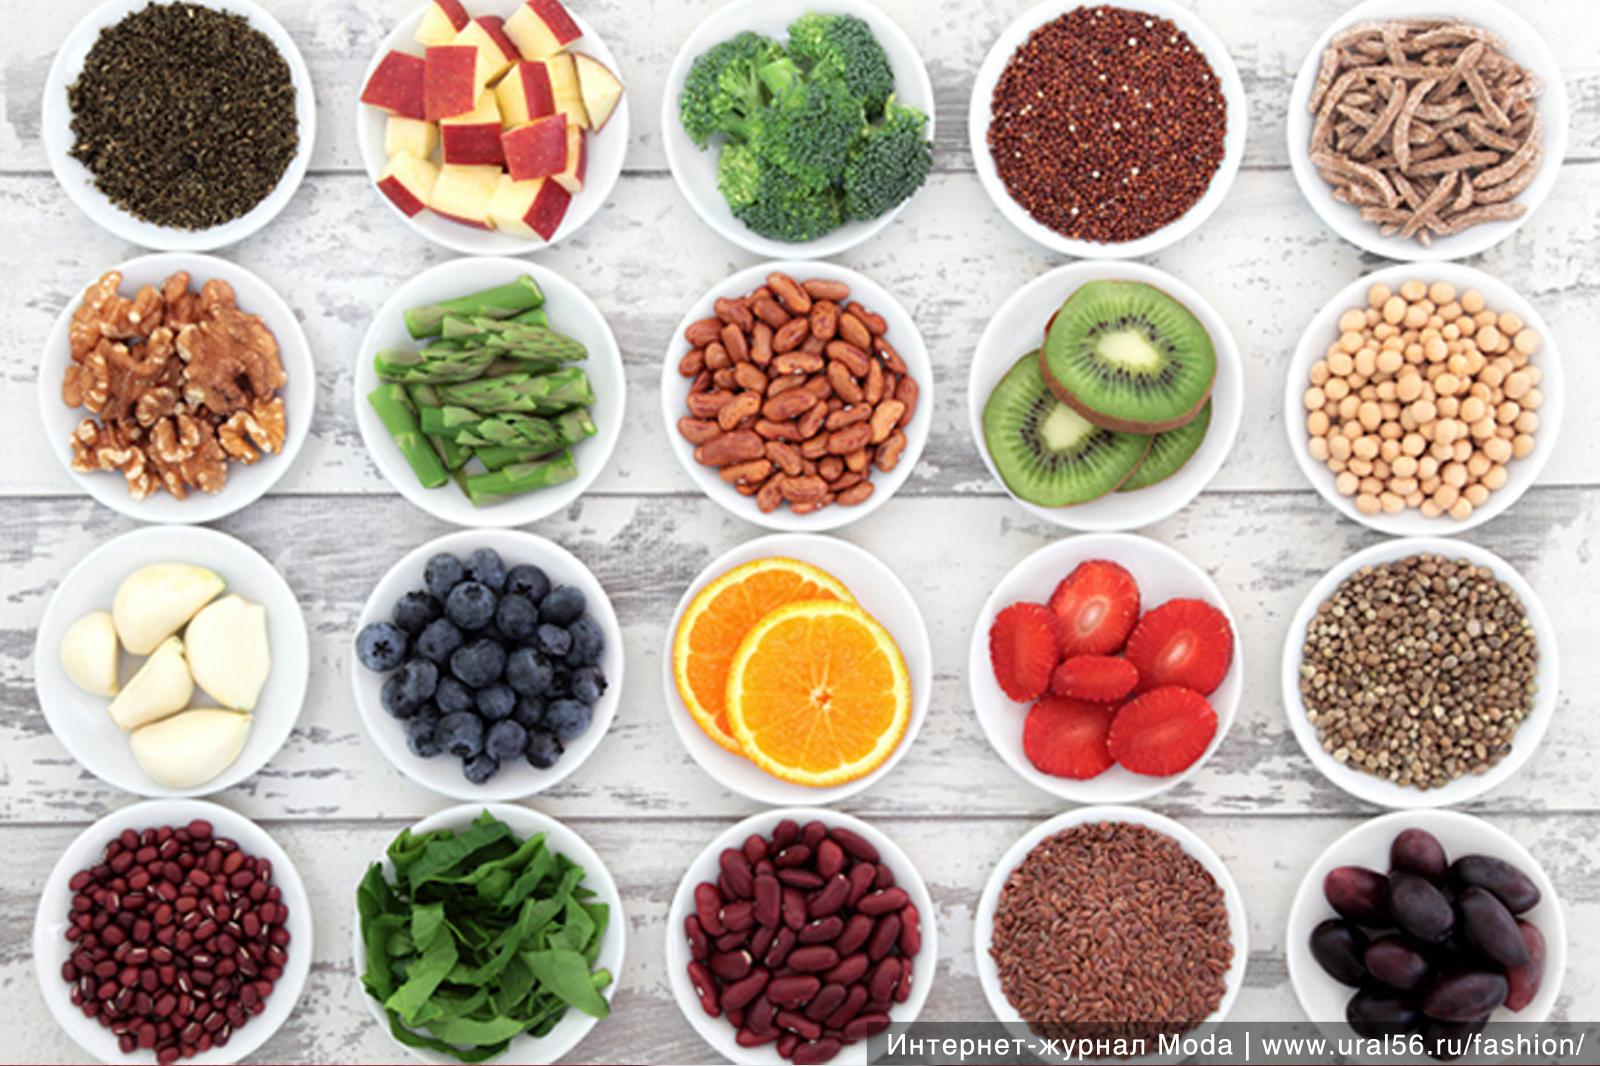 вегетарианская еда худеем вместе